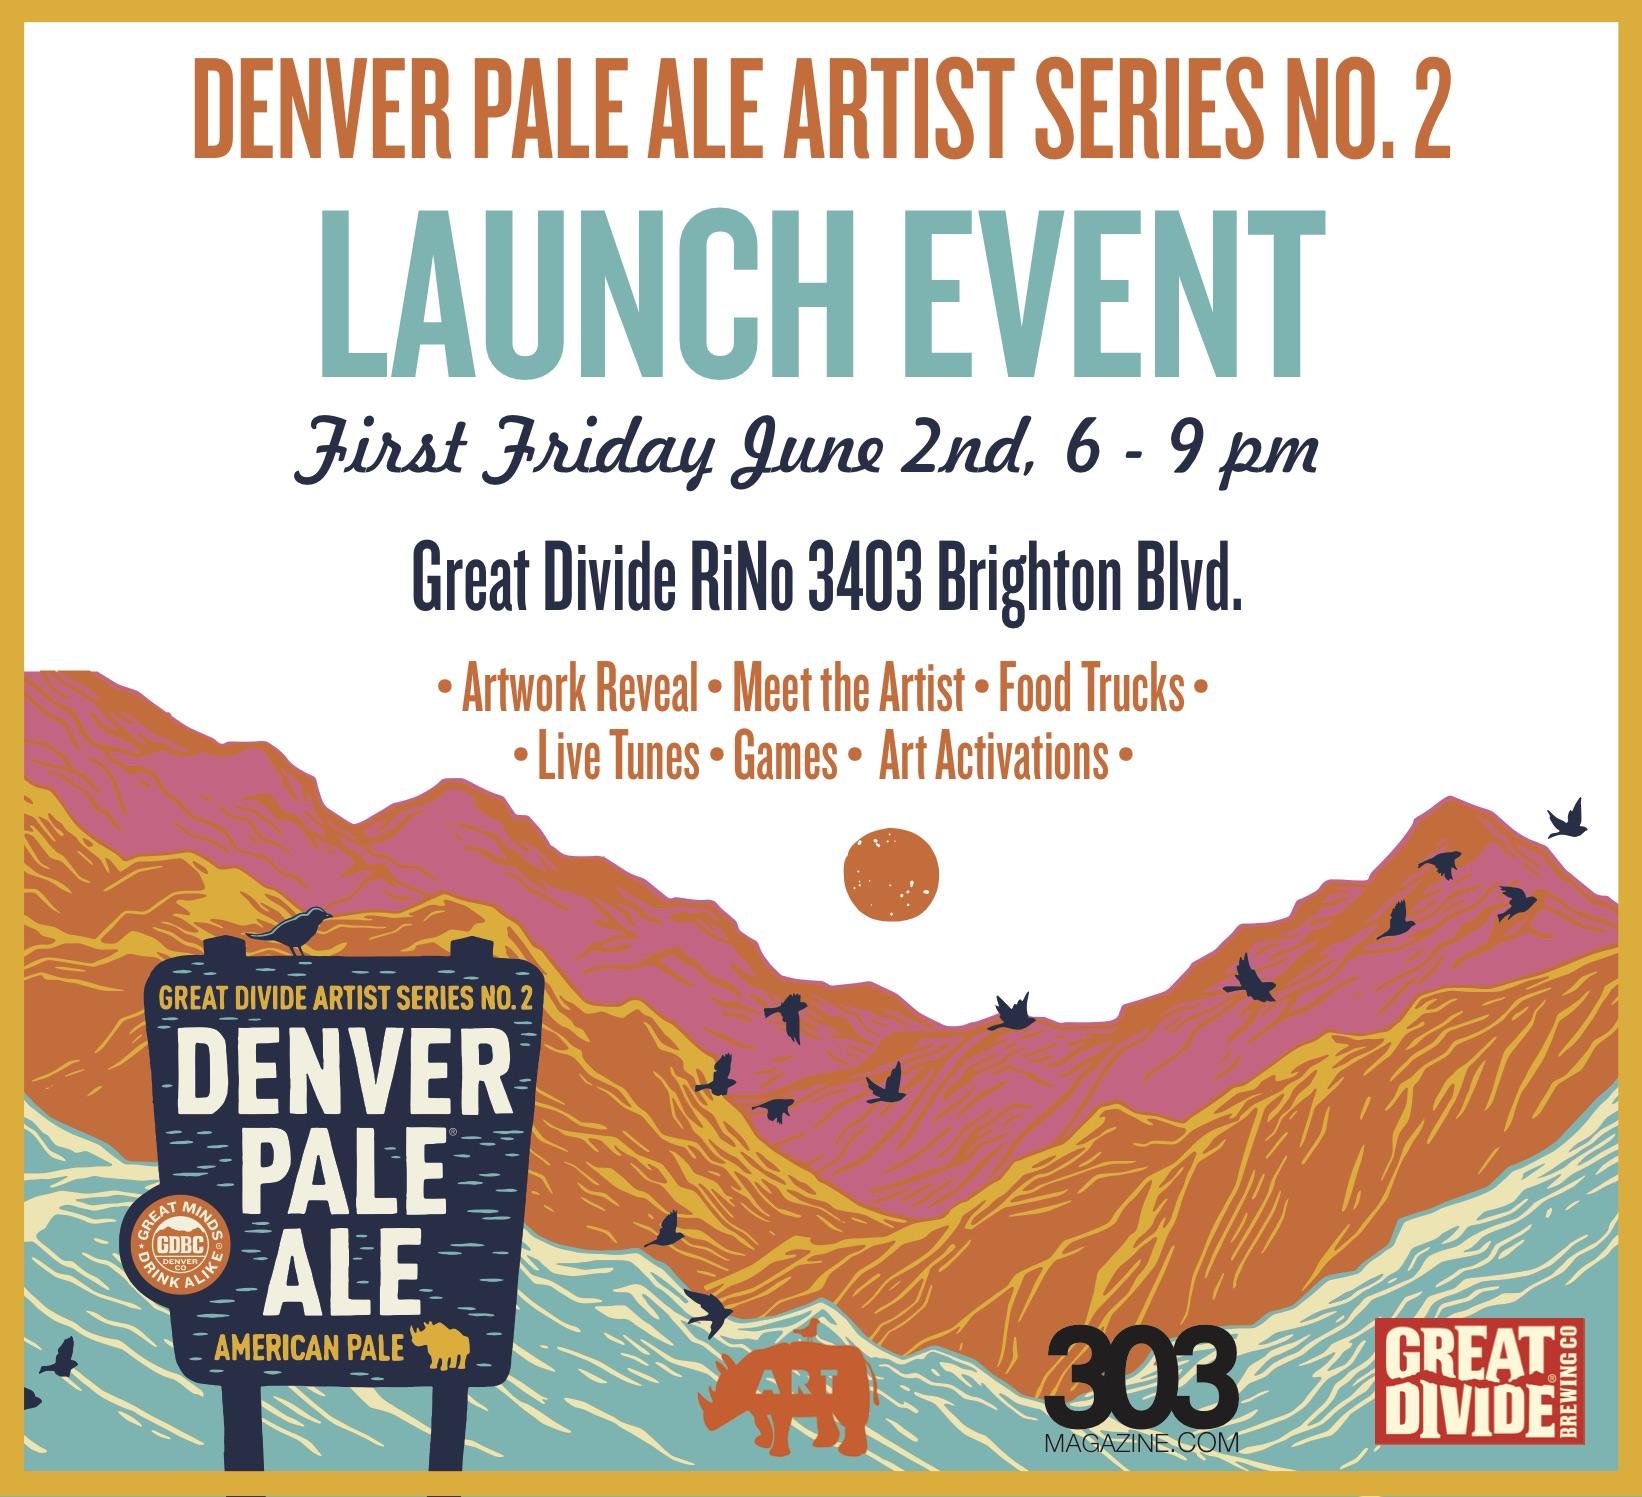 Denver Pale Ale Launch Party/ RiNo Art District / Denver CO